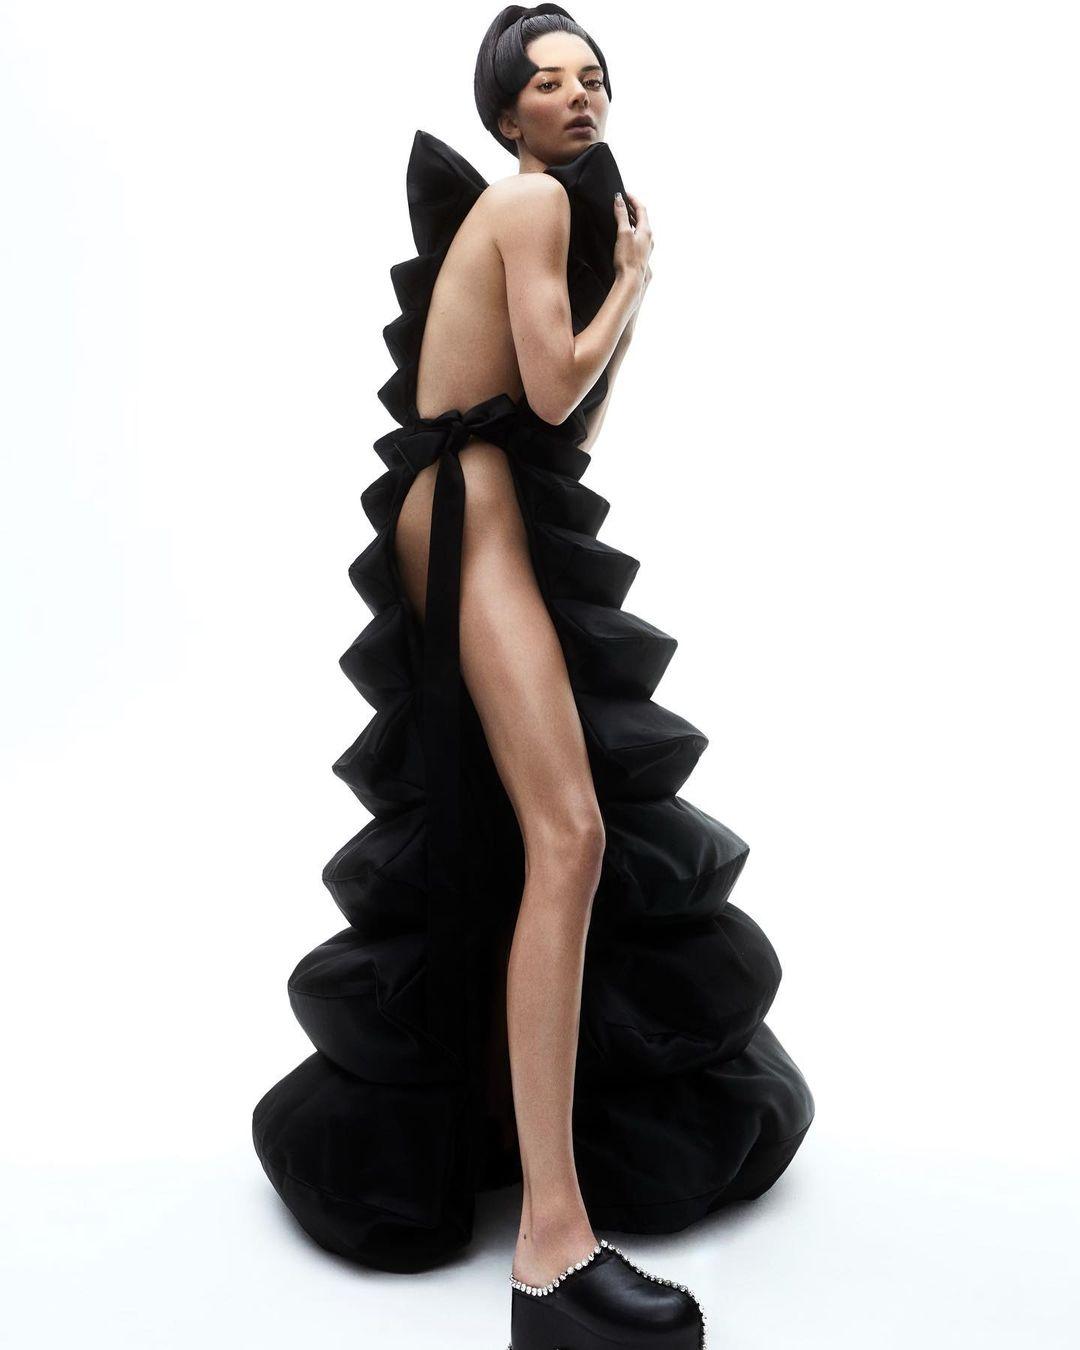 Кендалл Дженнер украсила обложку Vogue и рассказала о панических атаках (ФОТО) - фото №5